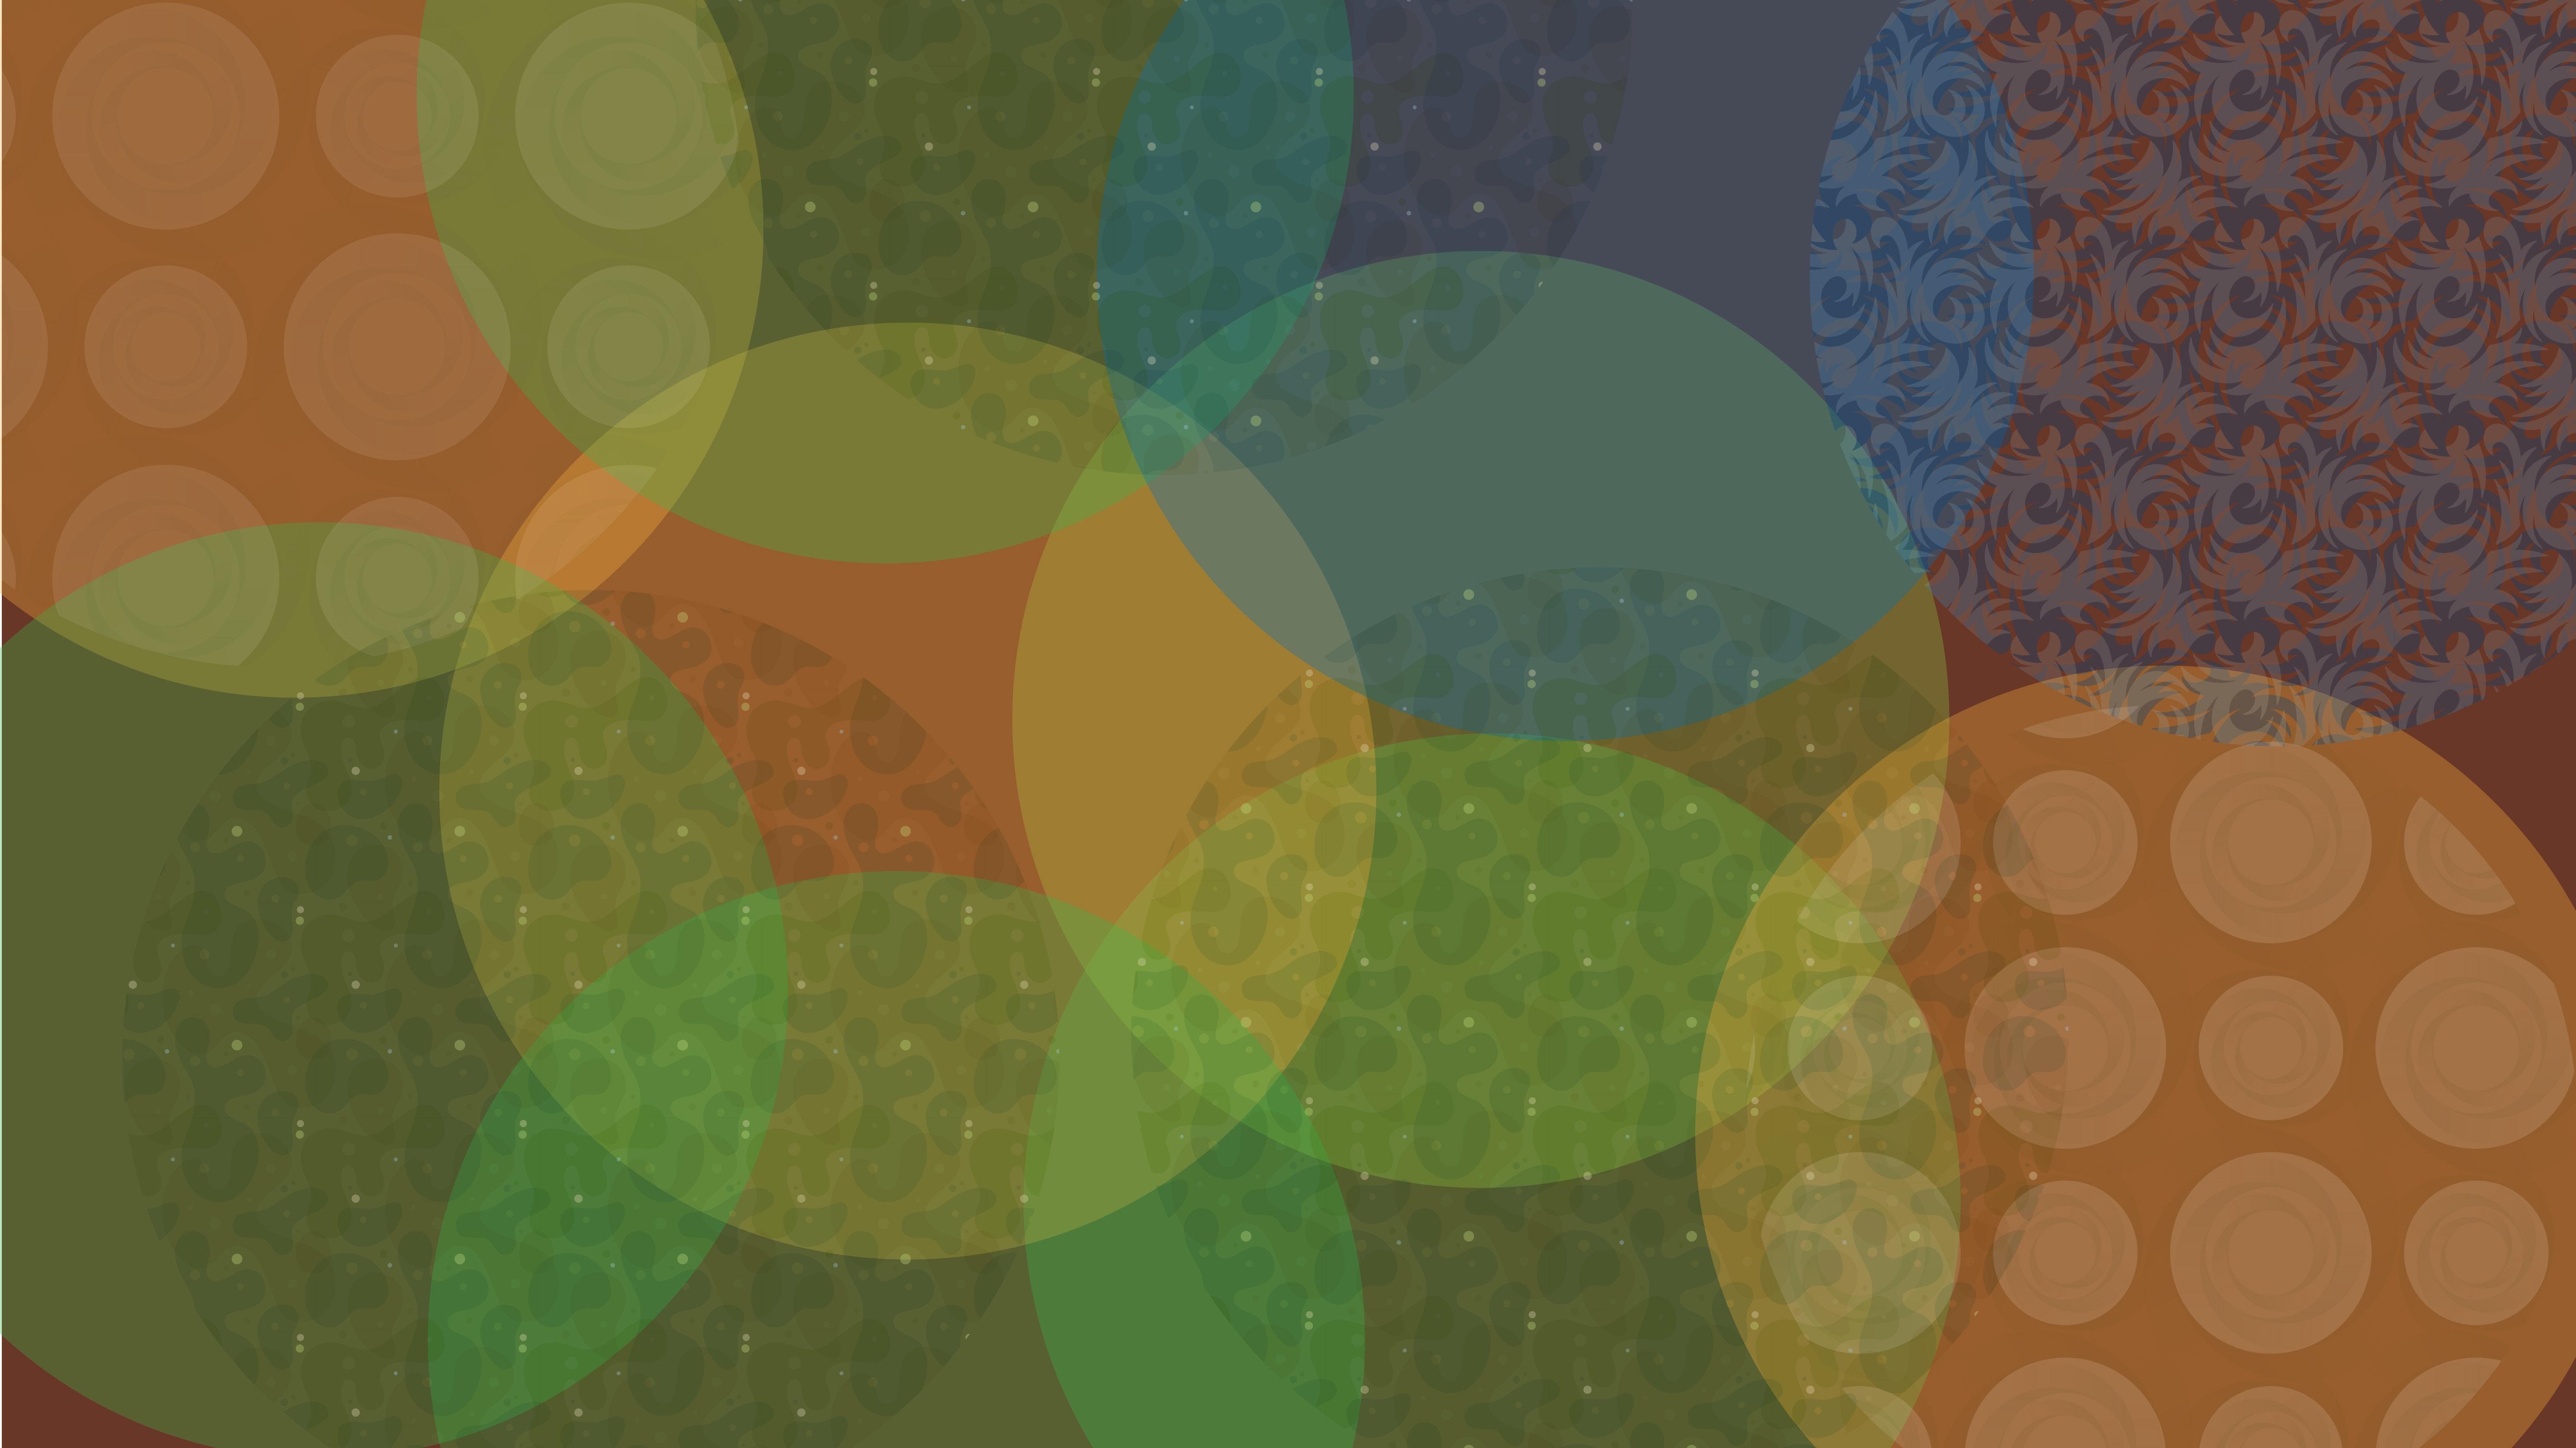 4kの壁紙 イラスト パターンの無料の写真素材